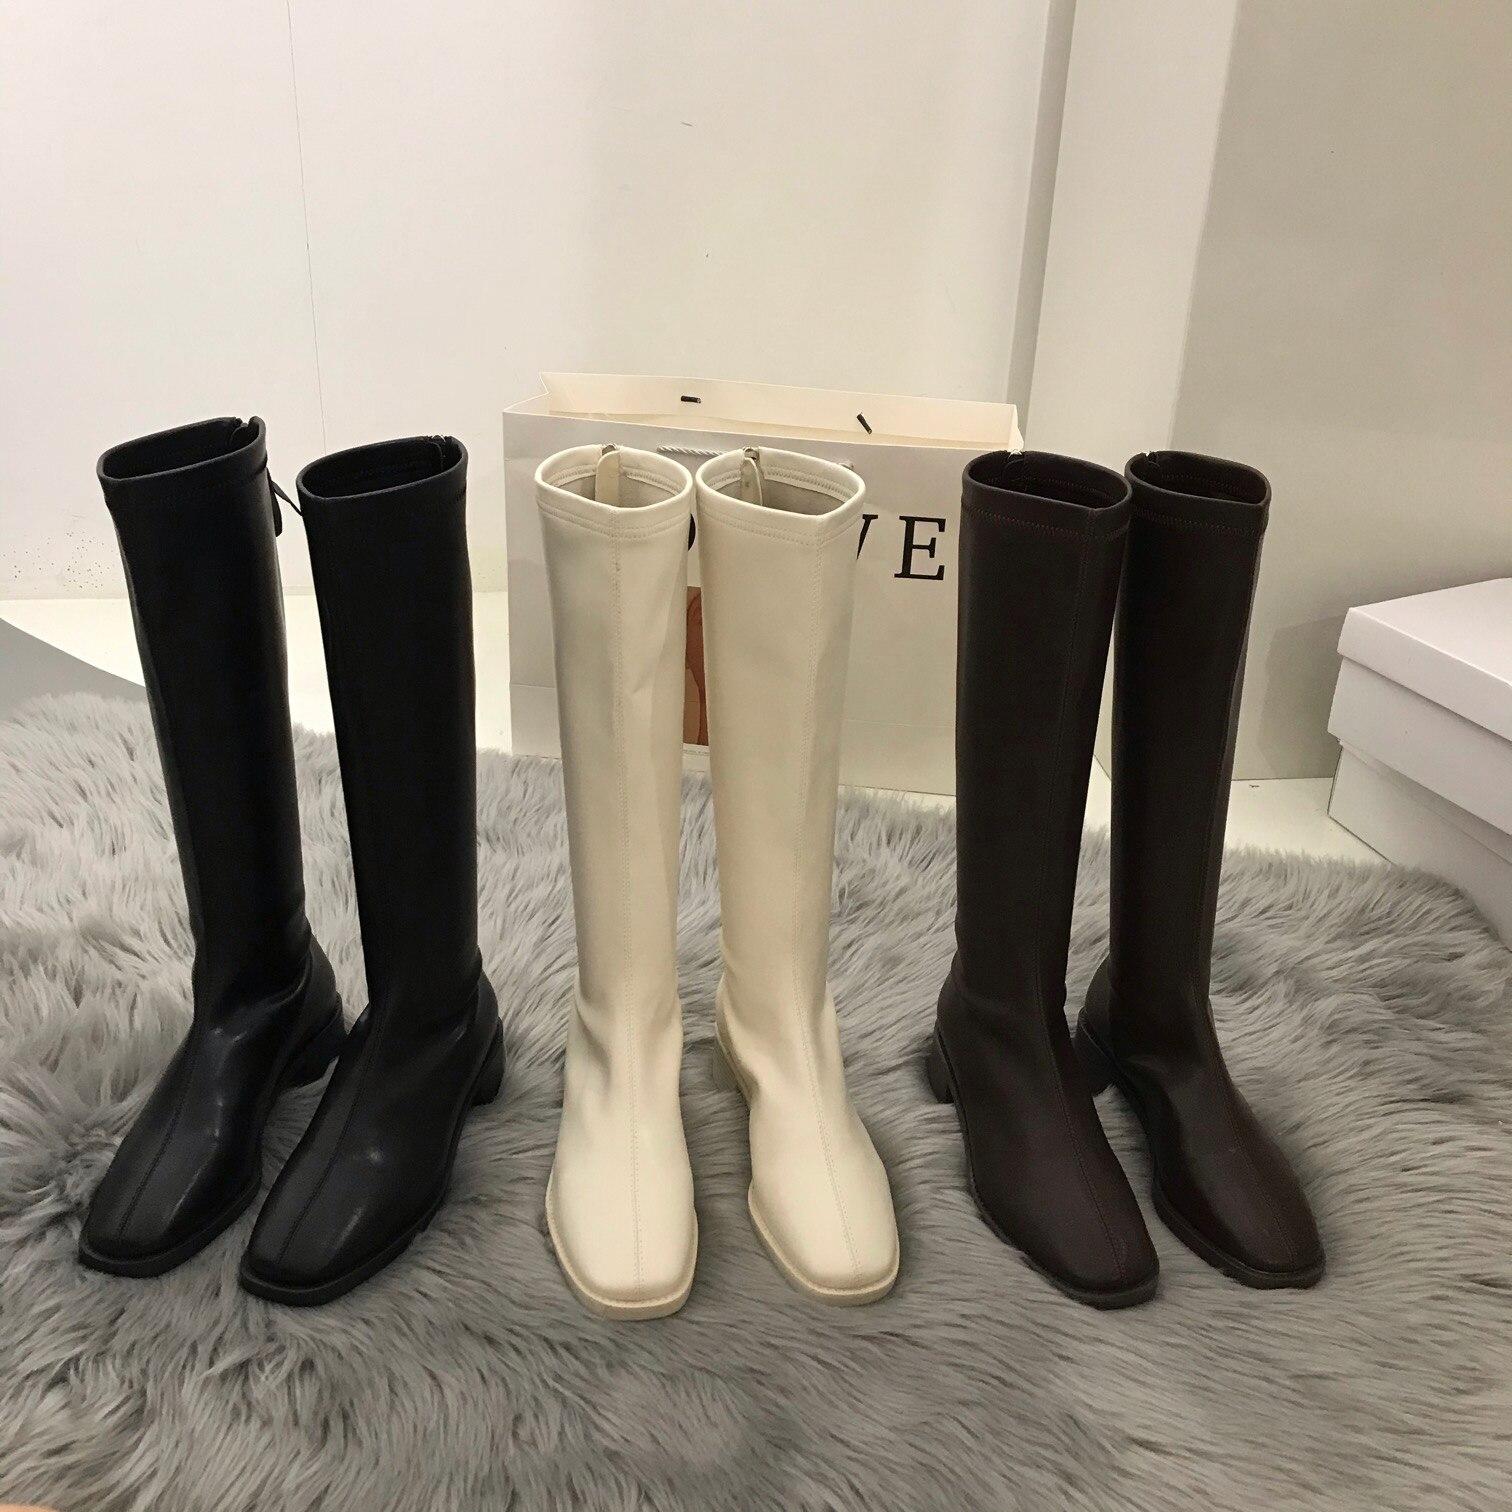 Chaussures femme plateforme talon femme bottes cuir femme bottes martin chaussures femme